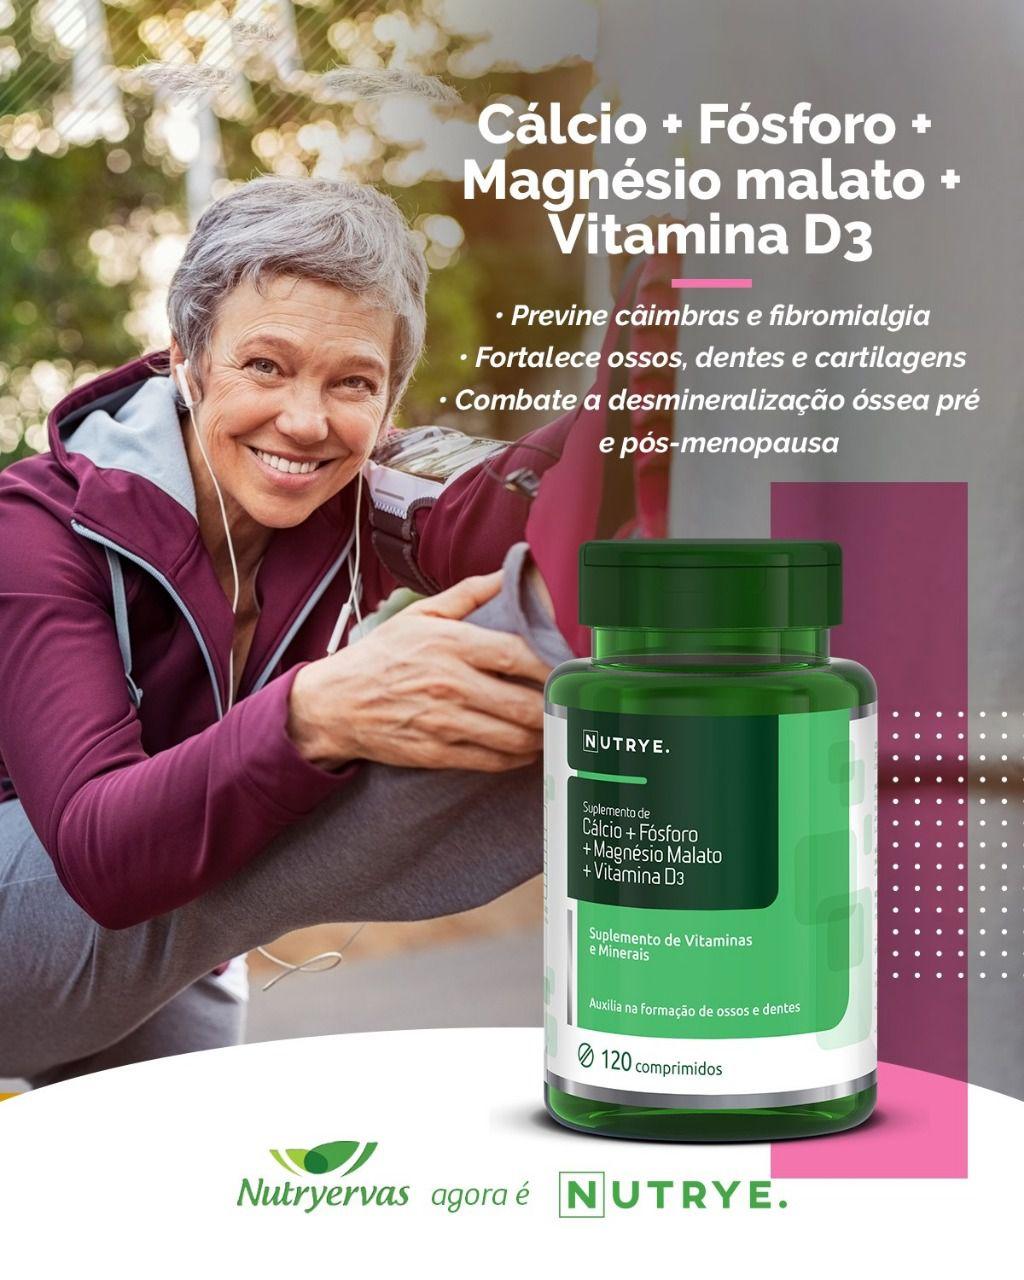 SUPLEMENTO DE CÁLCIO + MAGNÉSIO MALATO + VITAMINA D3 + FÓSFORO 120 COMPRIMIDOS - NUTRYE